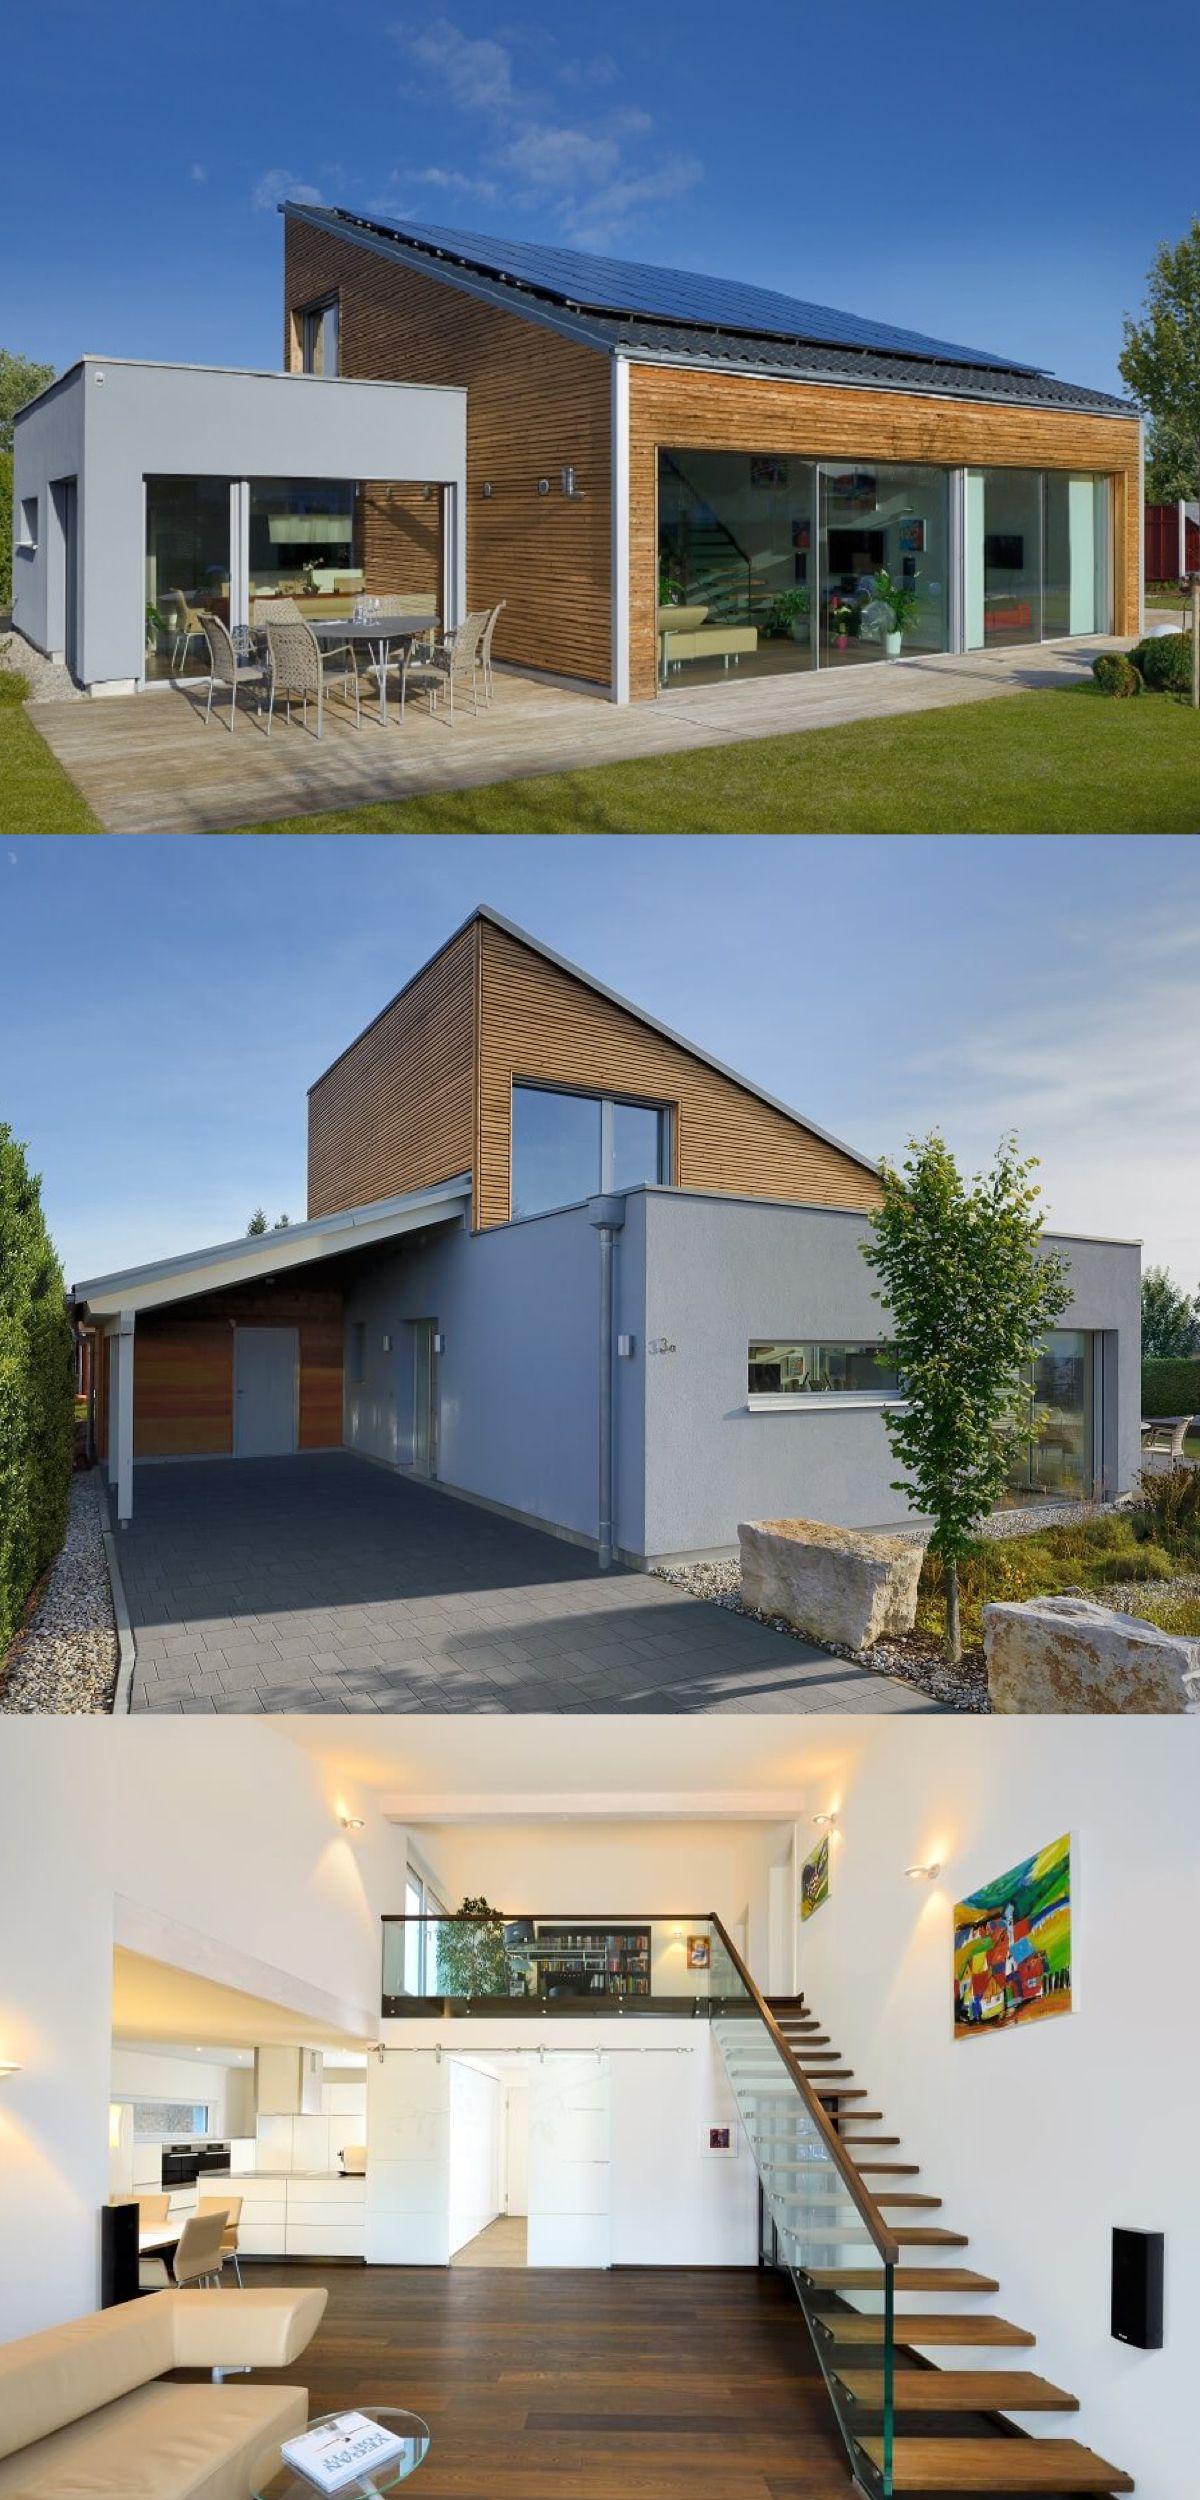 Moderner bungalow mit pultdach haus ederer von baufritz fertighaus bauen moderne architektur - Bungalow moderne architektur ...